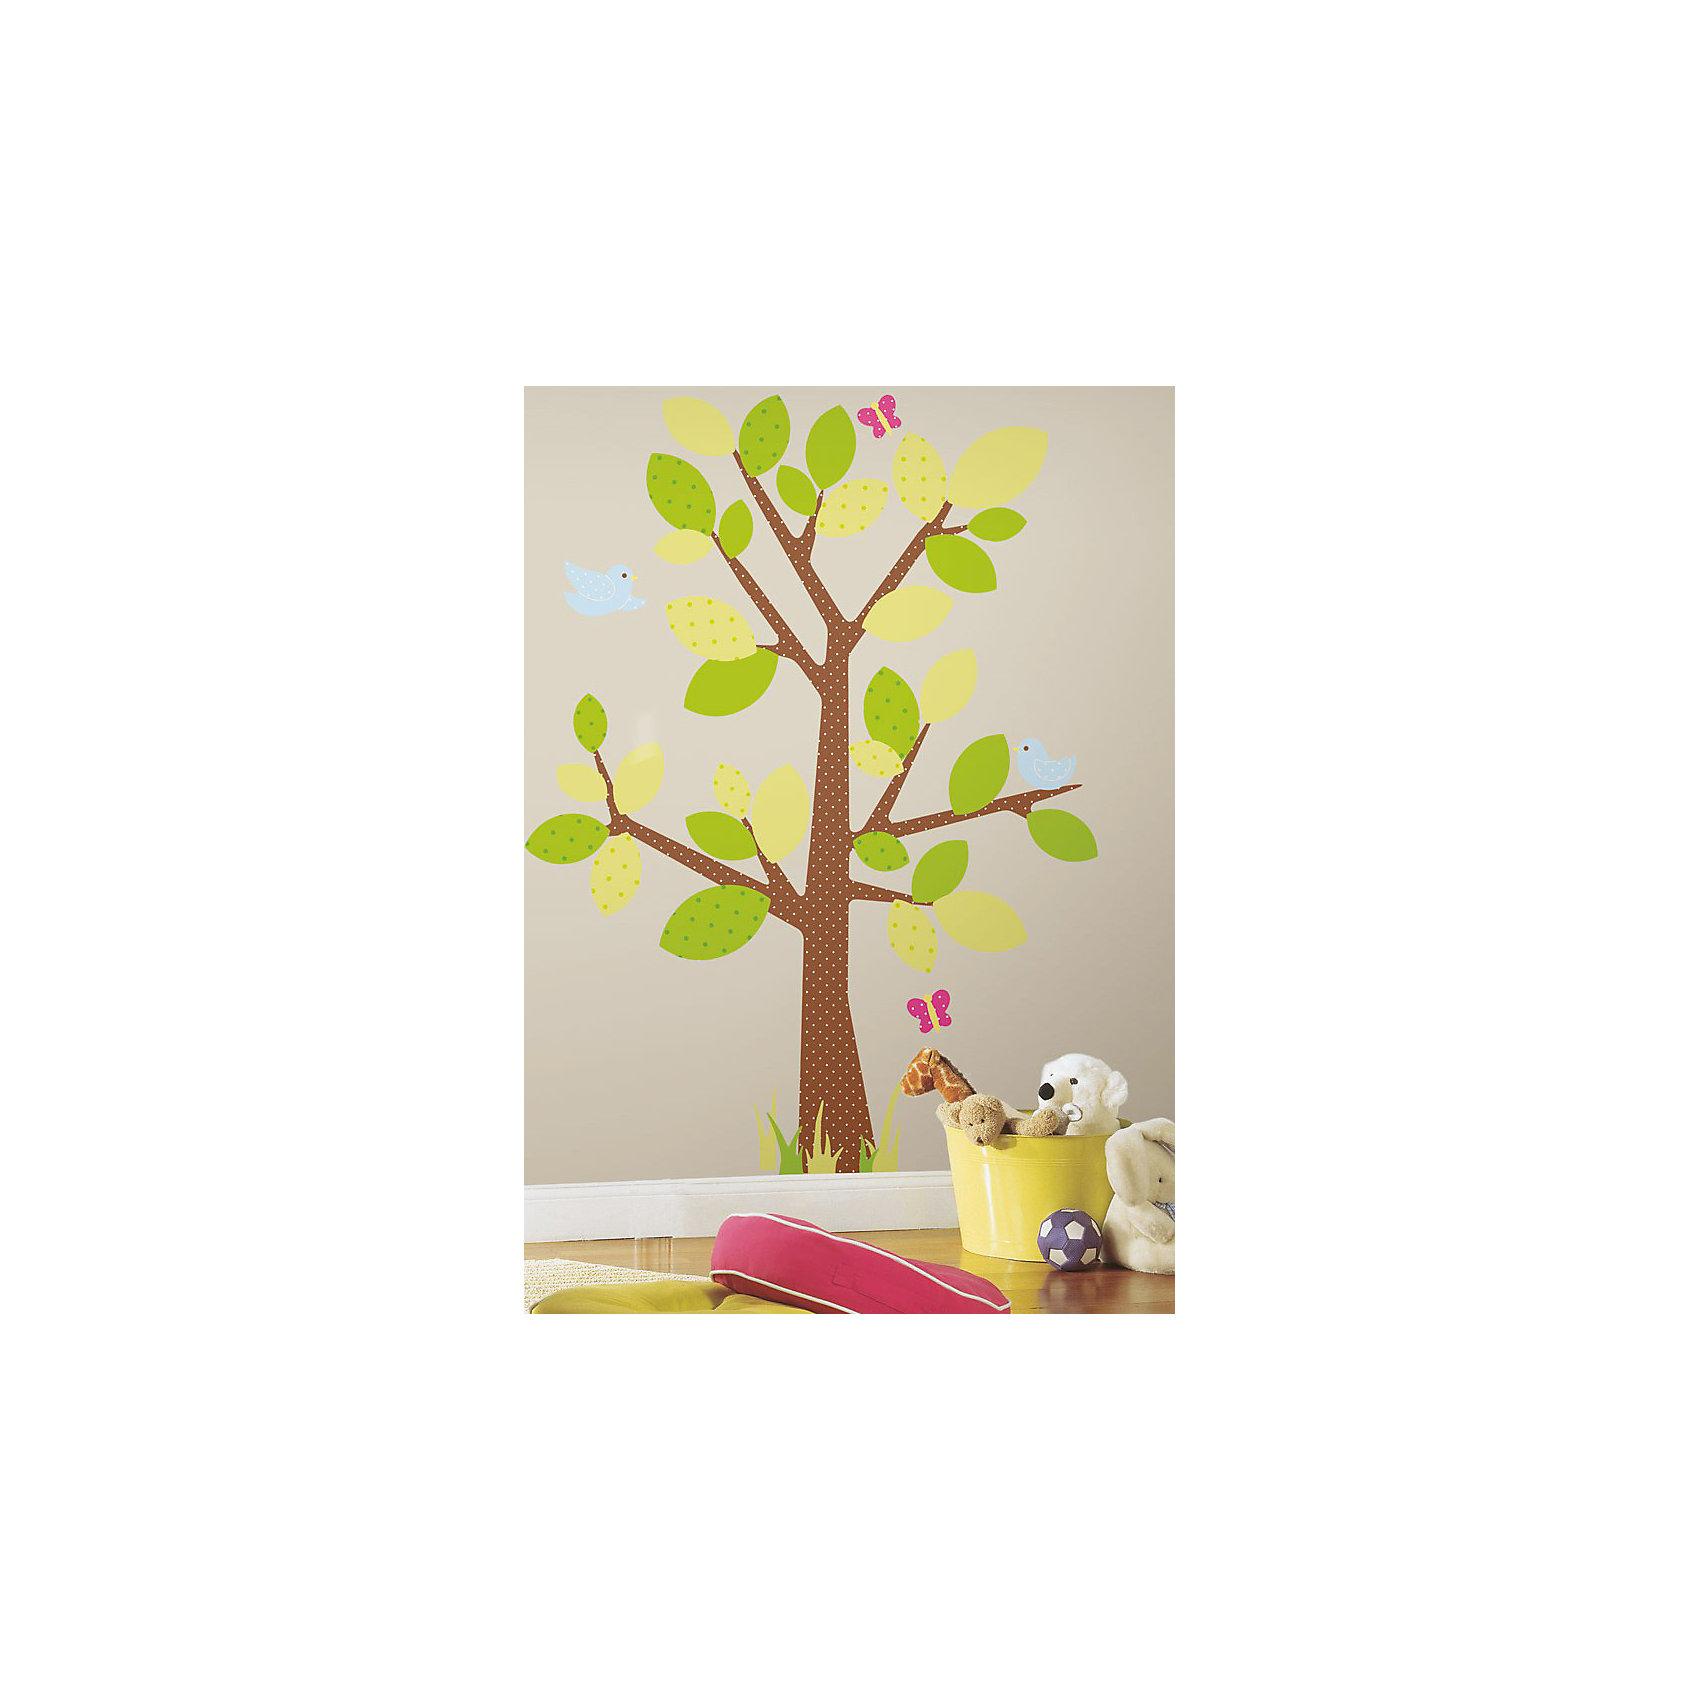 Schön Wandsticker Baum Galerie Von Neu-roommates-wandsticker-baum-kids-47-tlg-5139800-